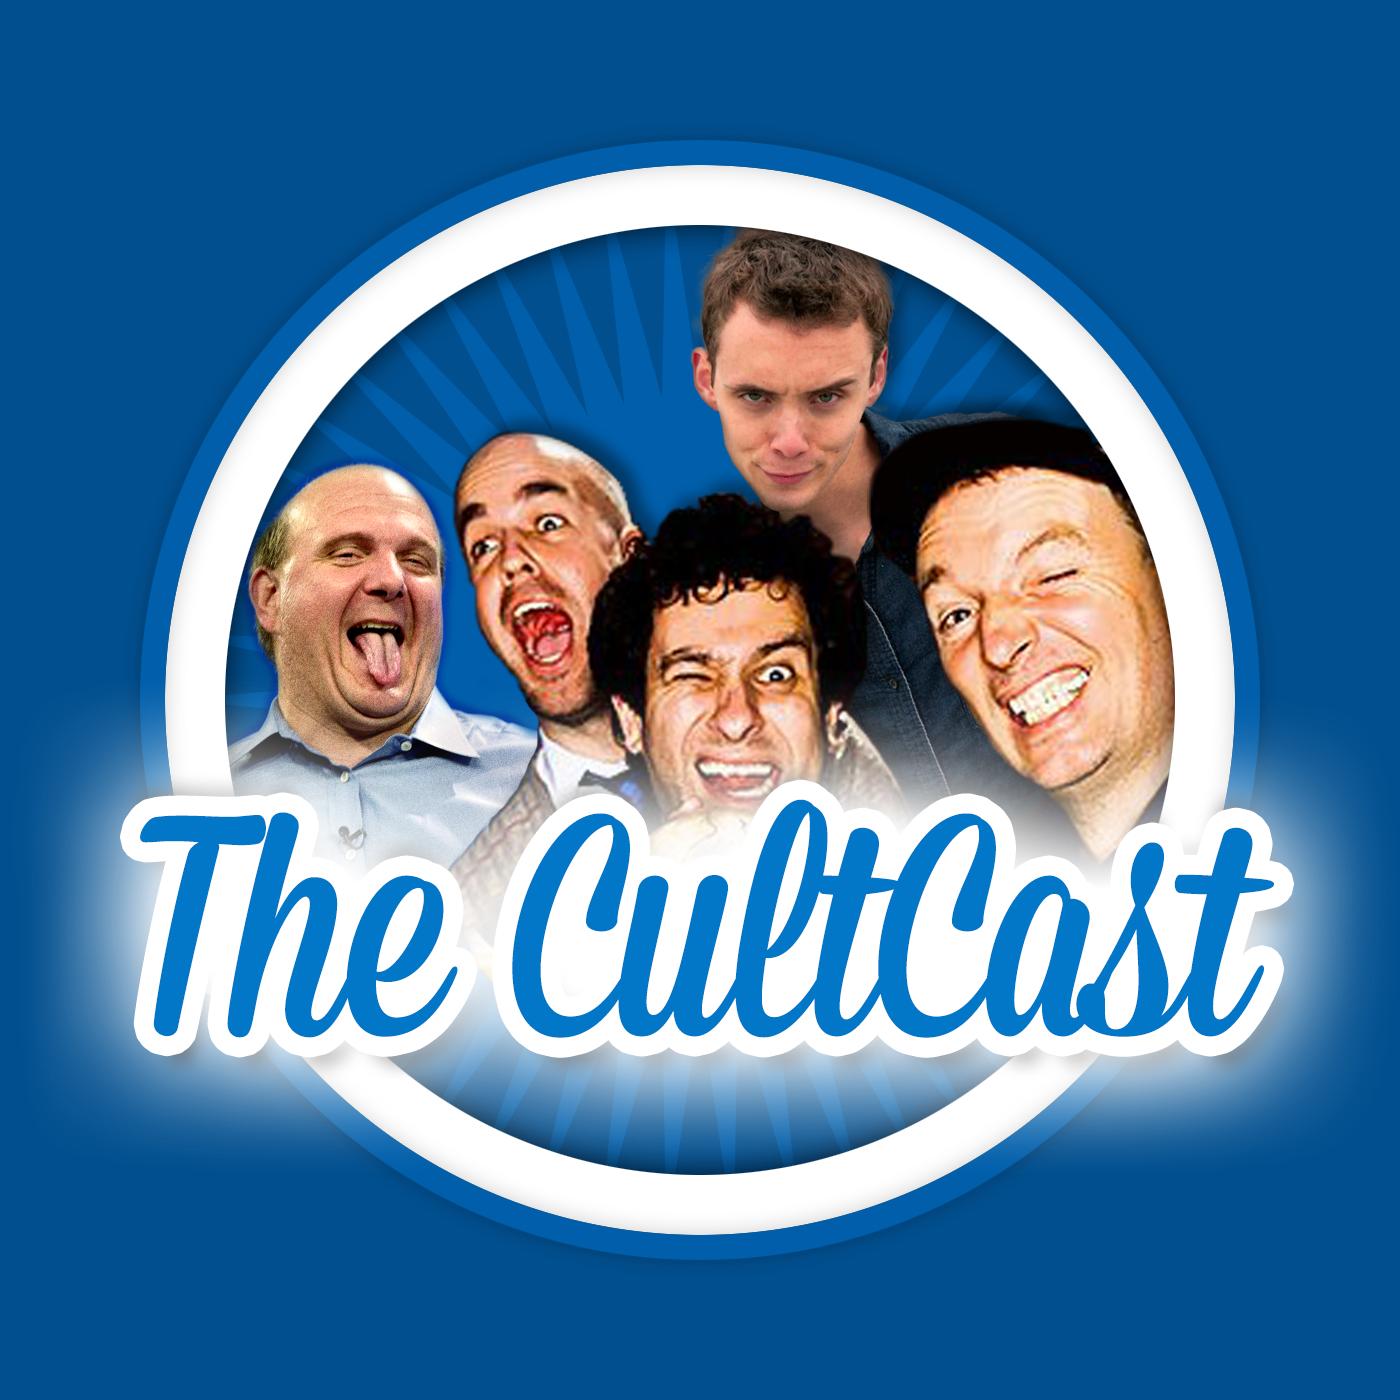 CultCast #141 - The SausageCast